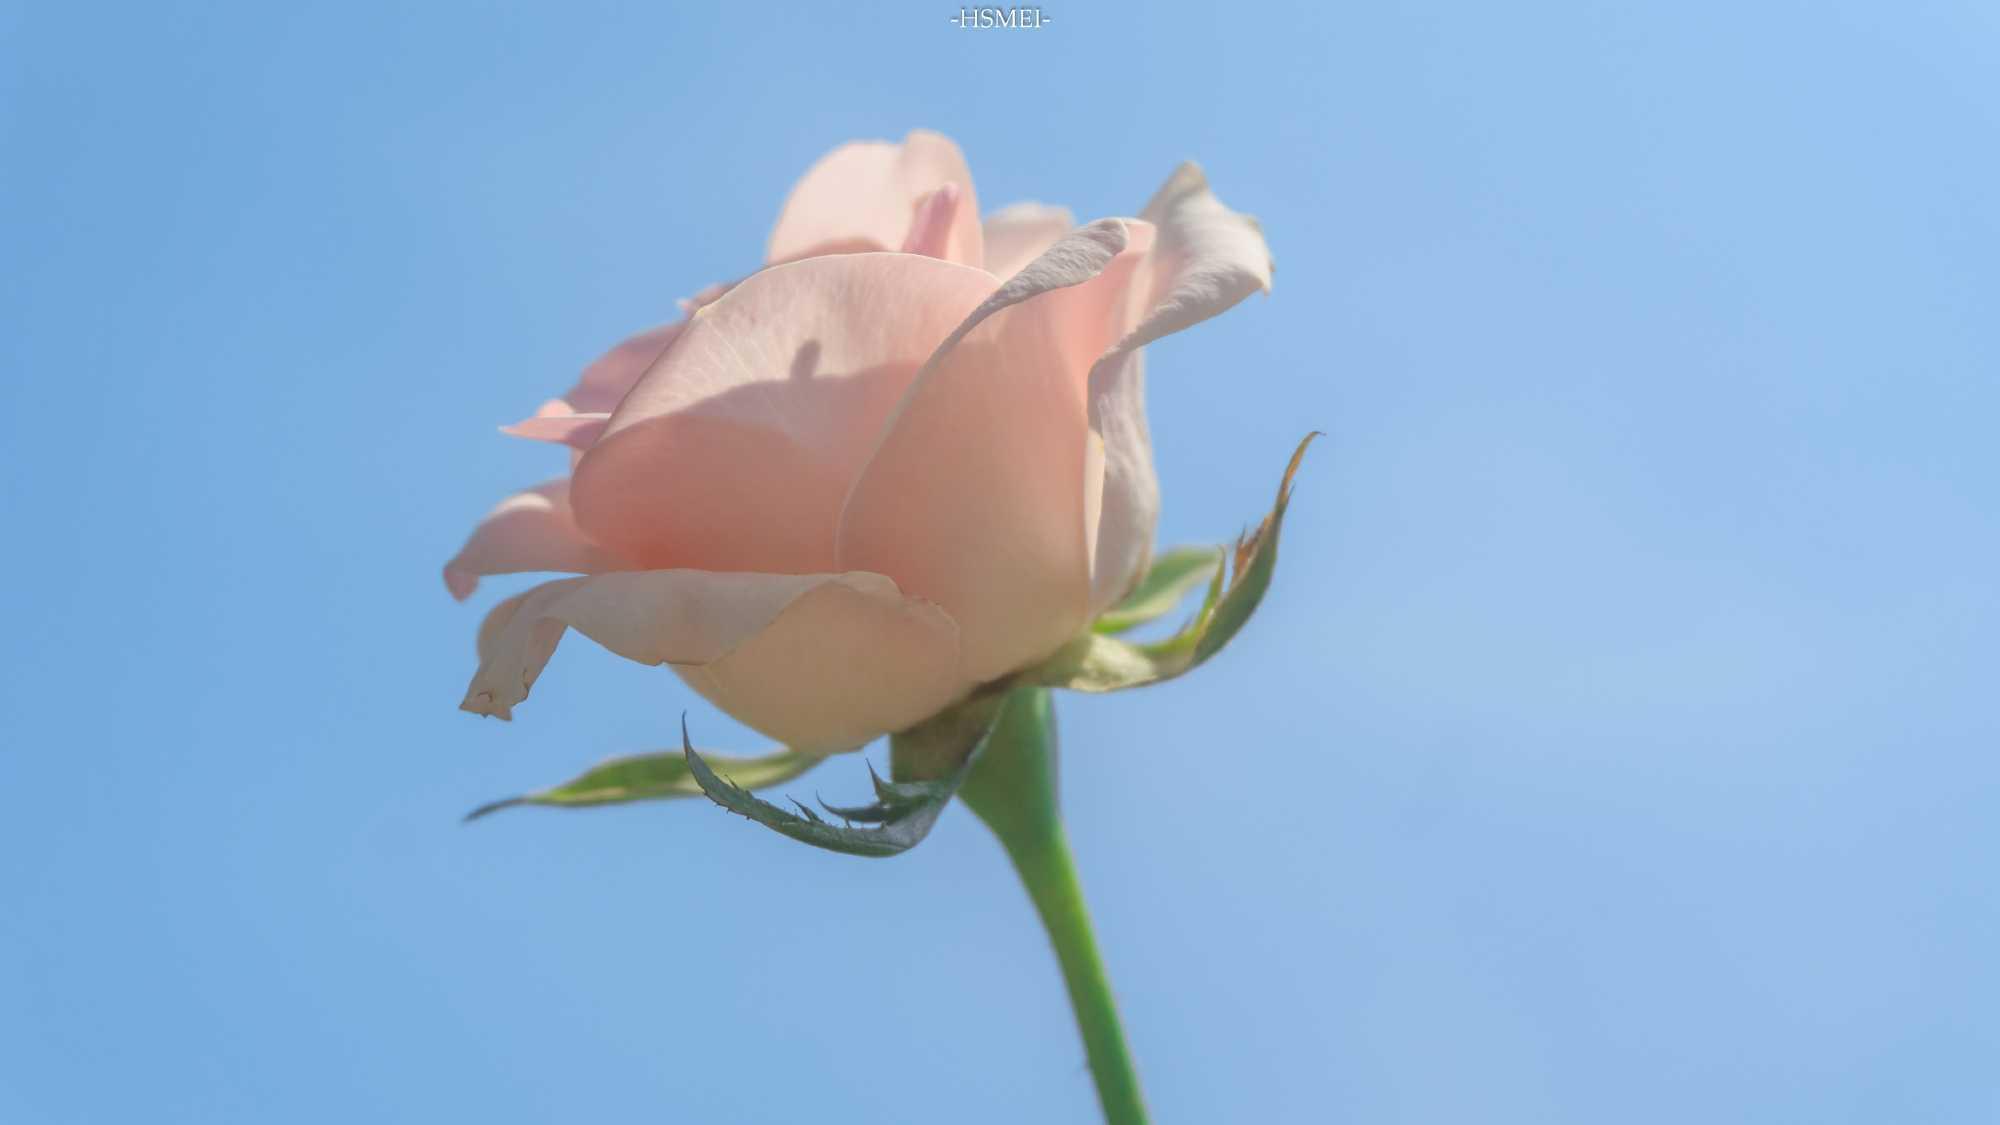 http://sucai.58100.com/data/upload/images/202008/159878994640161.jpg